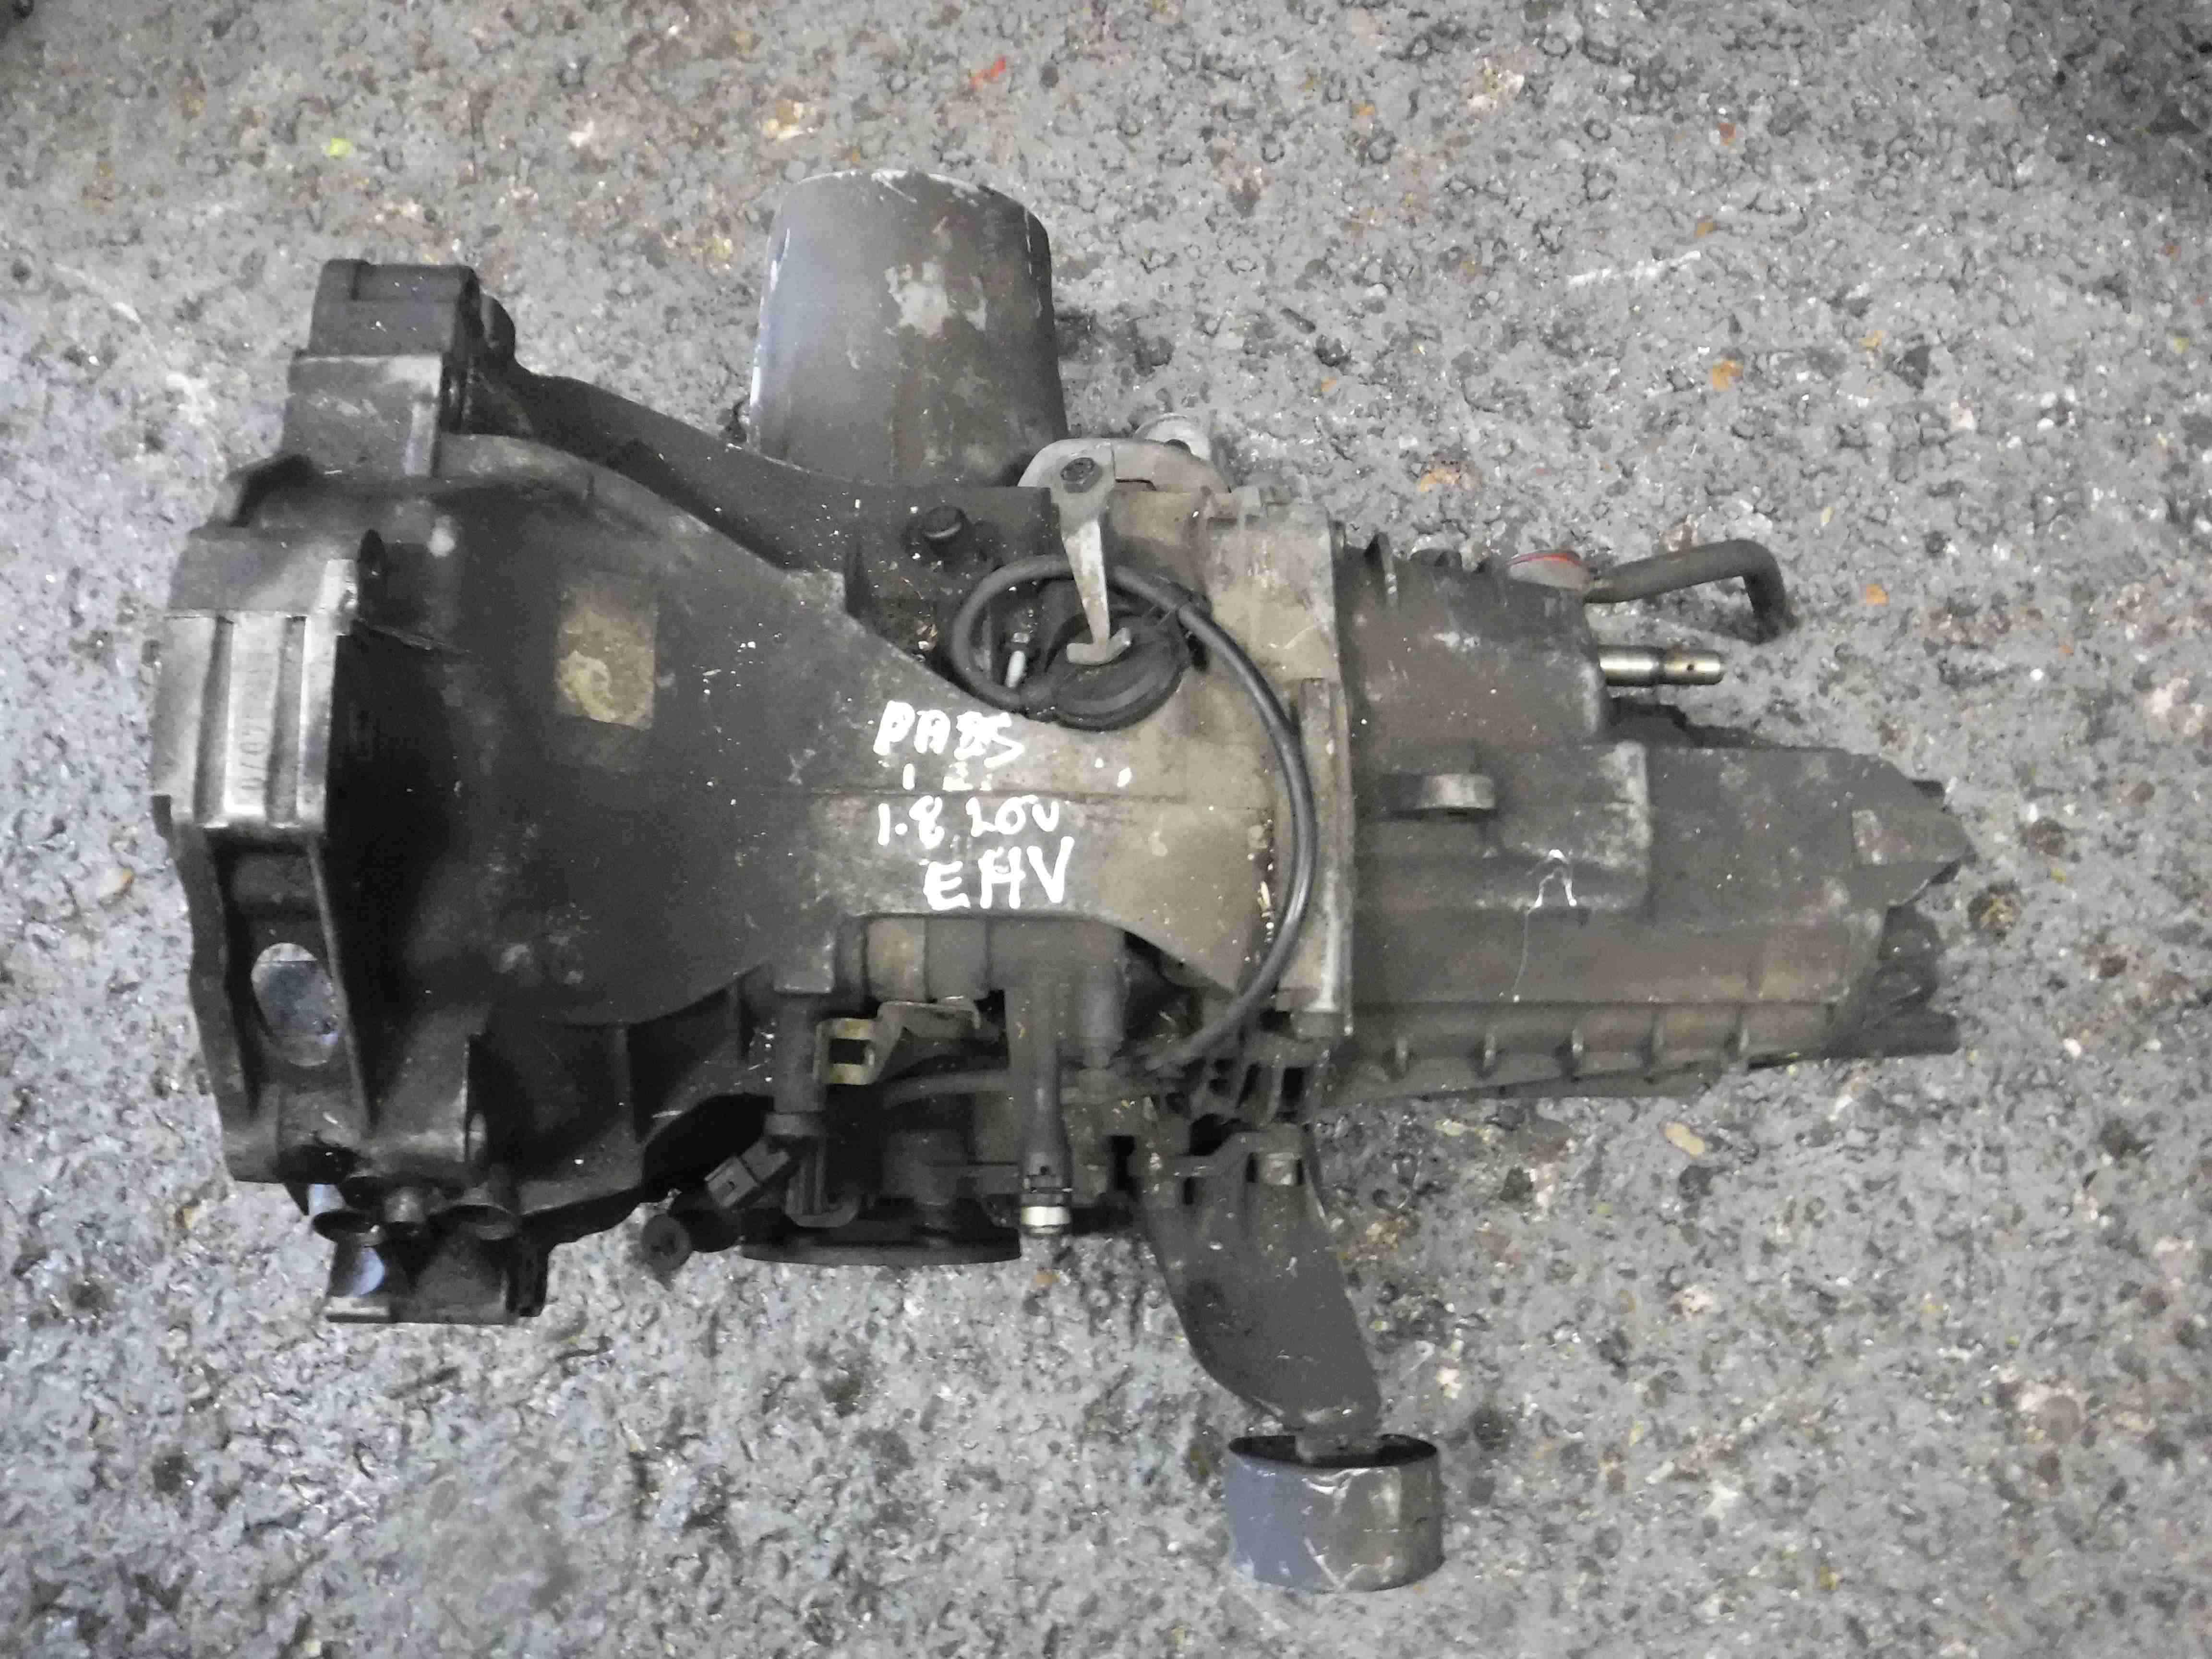 Volkswagen Passat 2001-2005 B5.5 1.8 20v Gearbox EHV